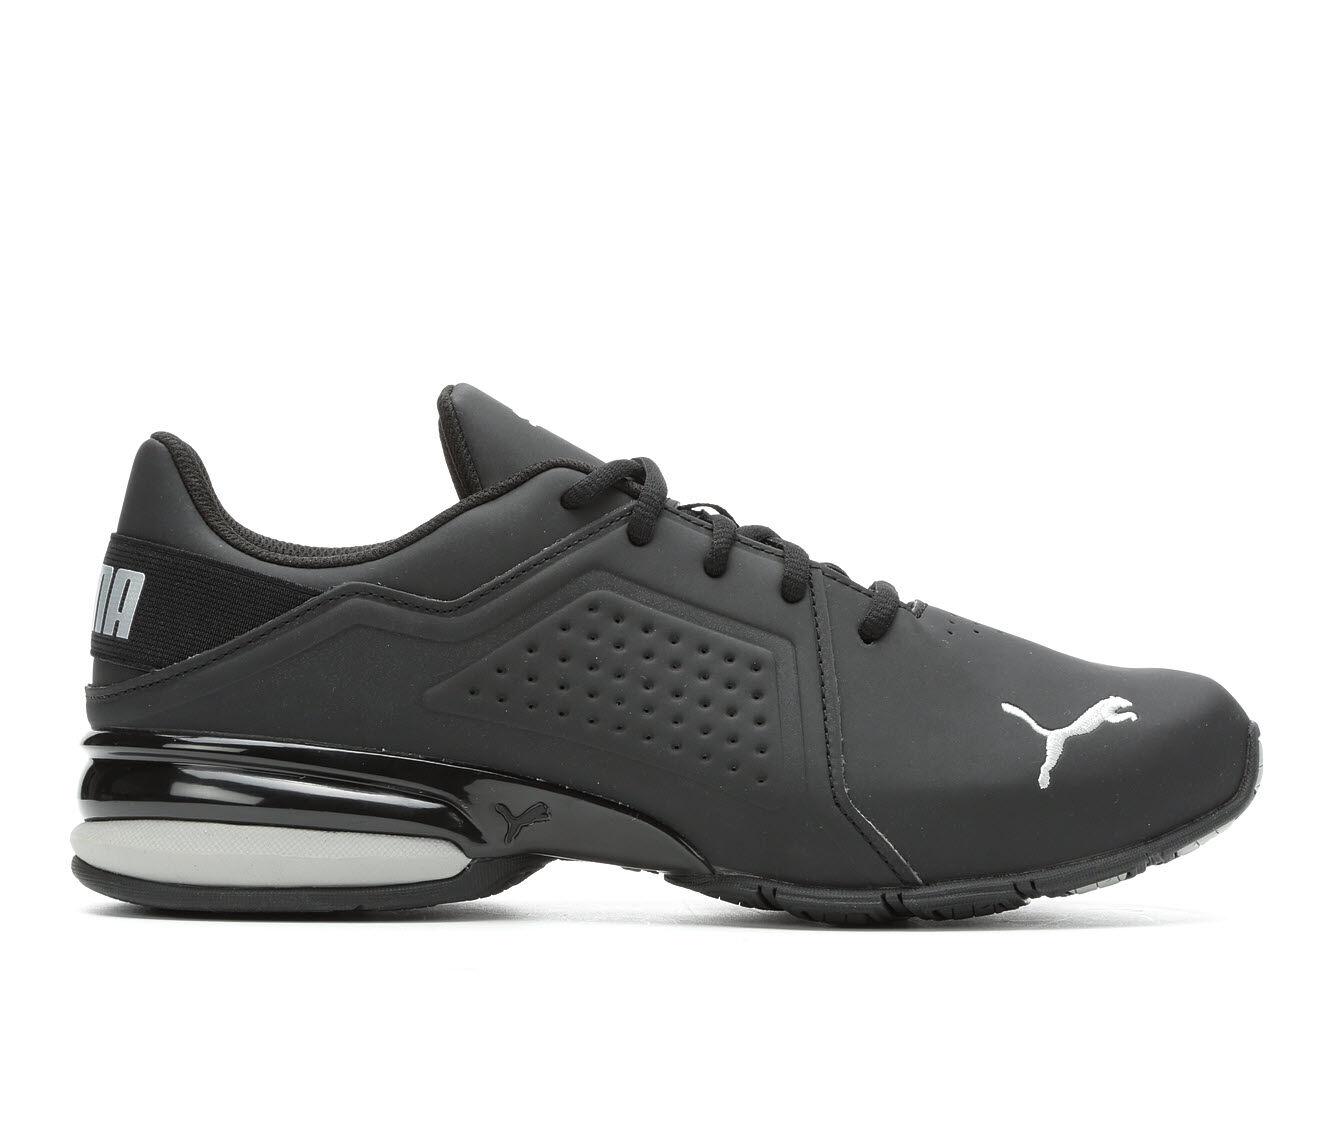 Puma Viz Runner Sneakers   Shoe Carnival